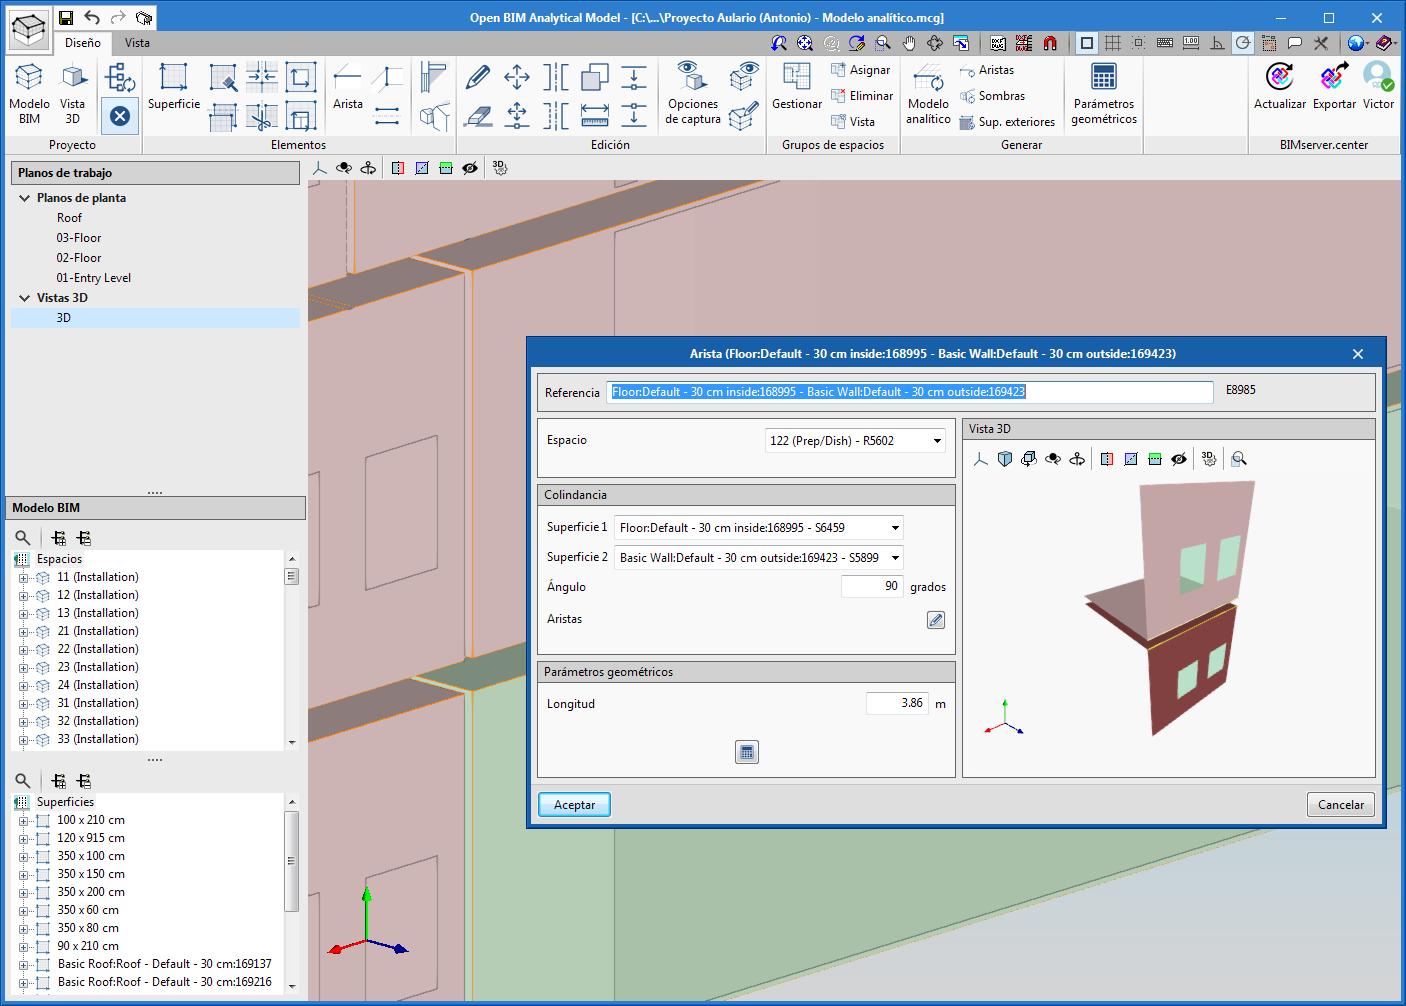 Open BIM Analytical Model. Generación de modelos geométricos analíticos para su estudio energético y acústico